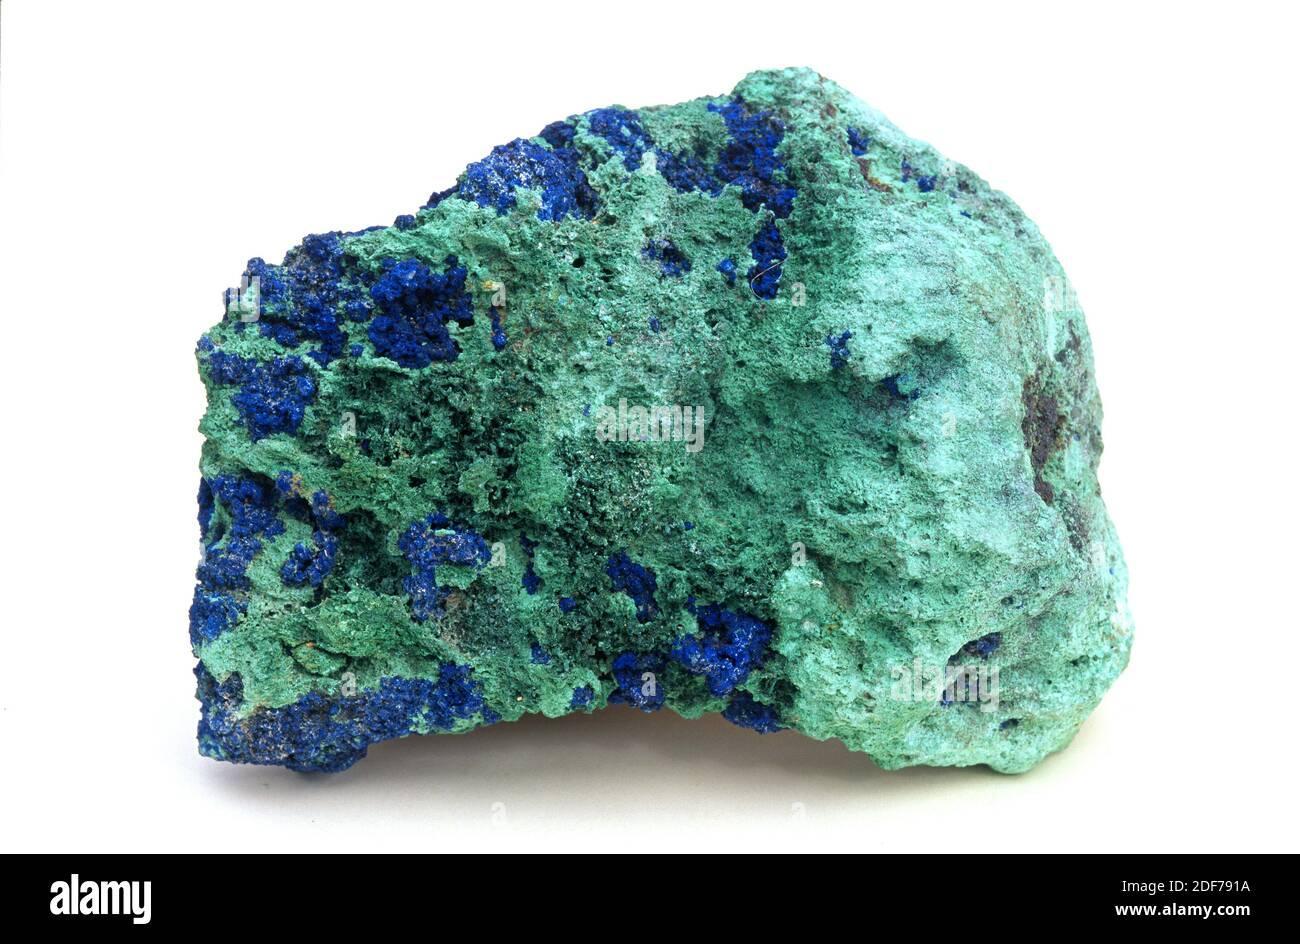 Malaquita (verde) y azurita (azul) son dos minerales carbonatados de cobre. Muestra. Foto de stock